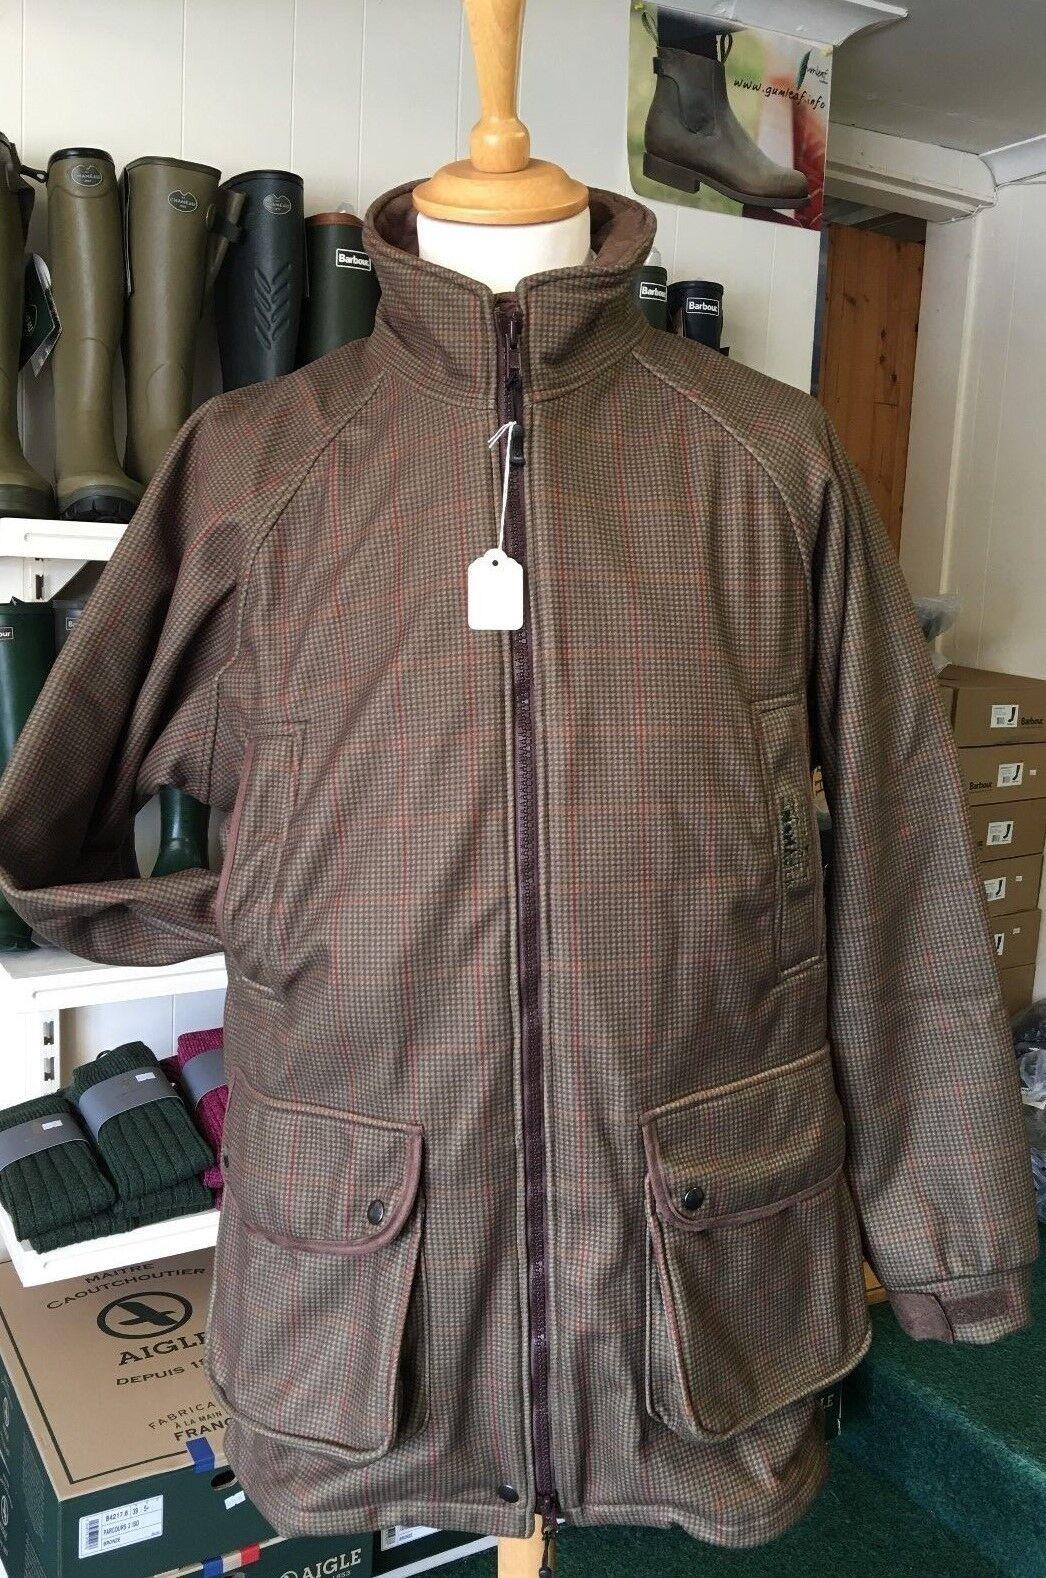 Nomad Reino Unido Grampian Stealth Tweed Tweed Tweed Chaqueta de abrigo de calidad impermeable de disparo de juego. 83d51f